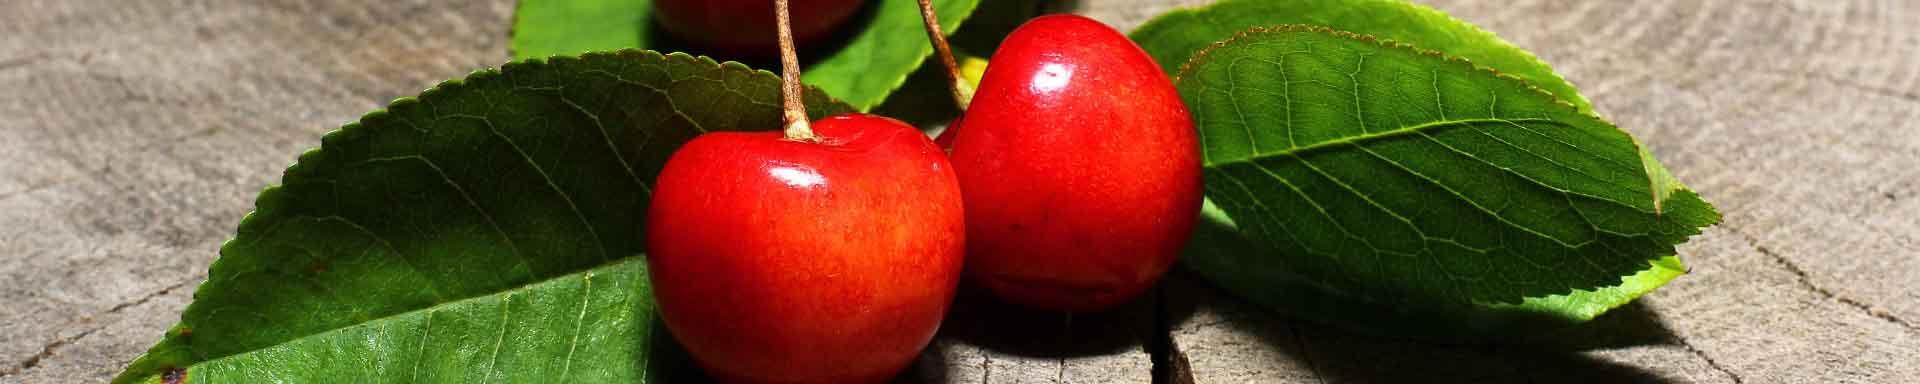 Piante ornamentali da giardino alberi da frutto vendita for Piante da frutto online